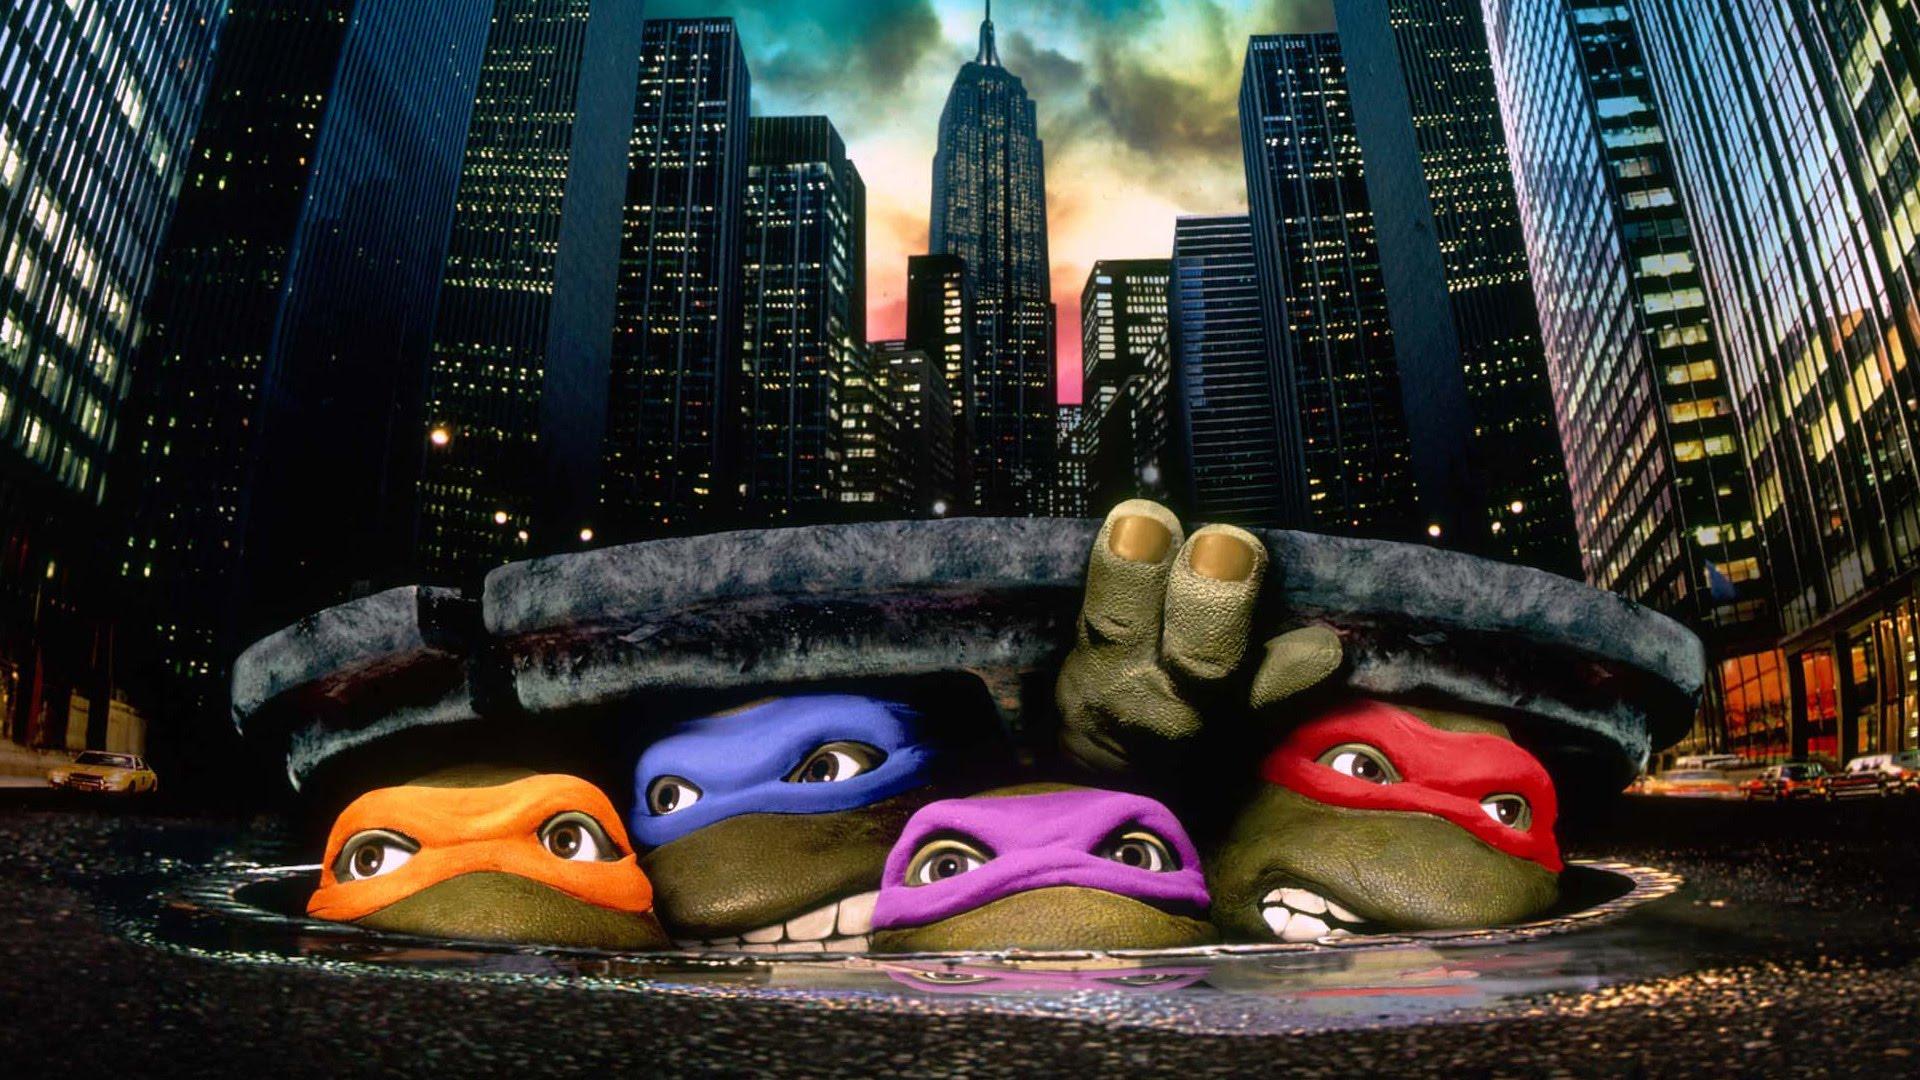 Teenage Mutant Ninja Turtles The Original Movie 1990 Spindleworks